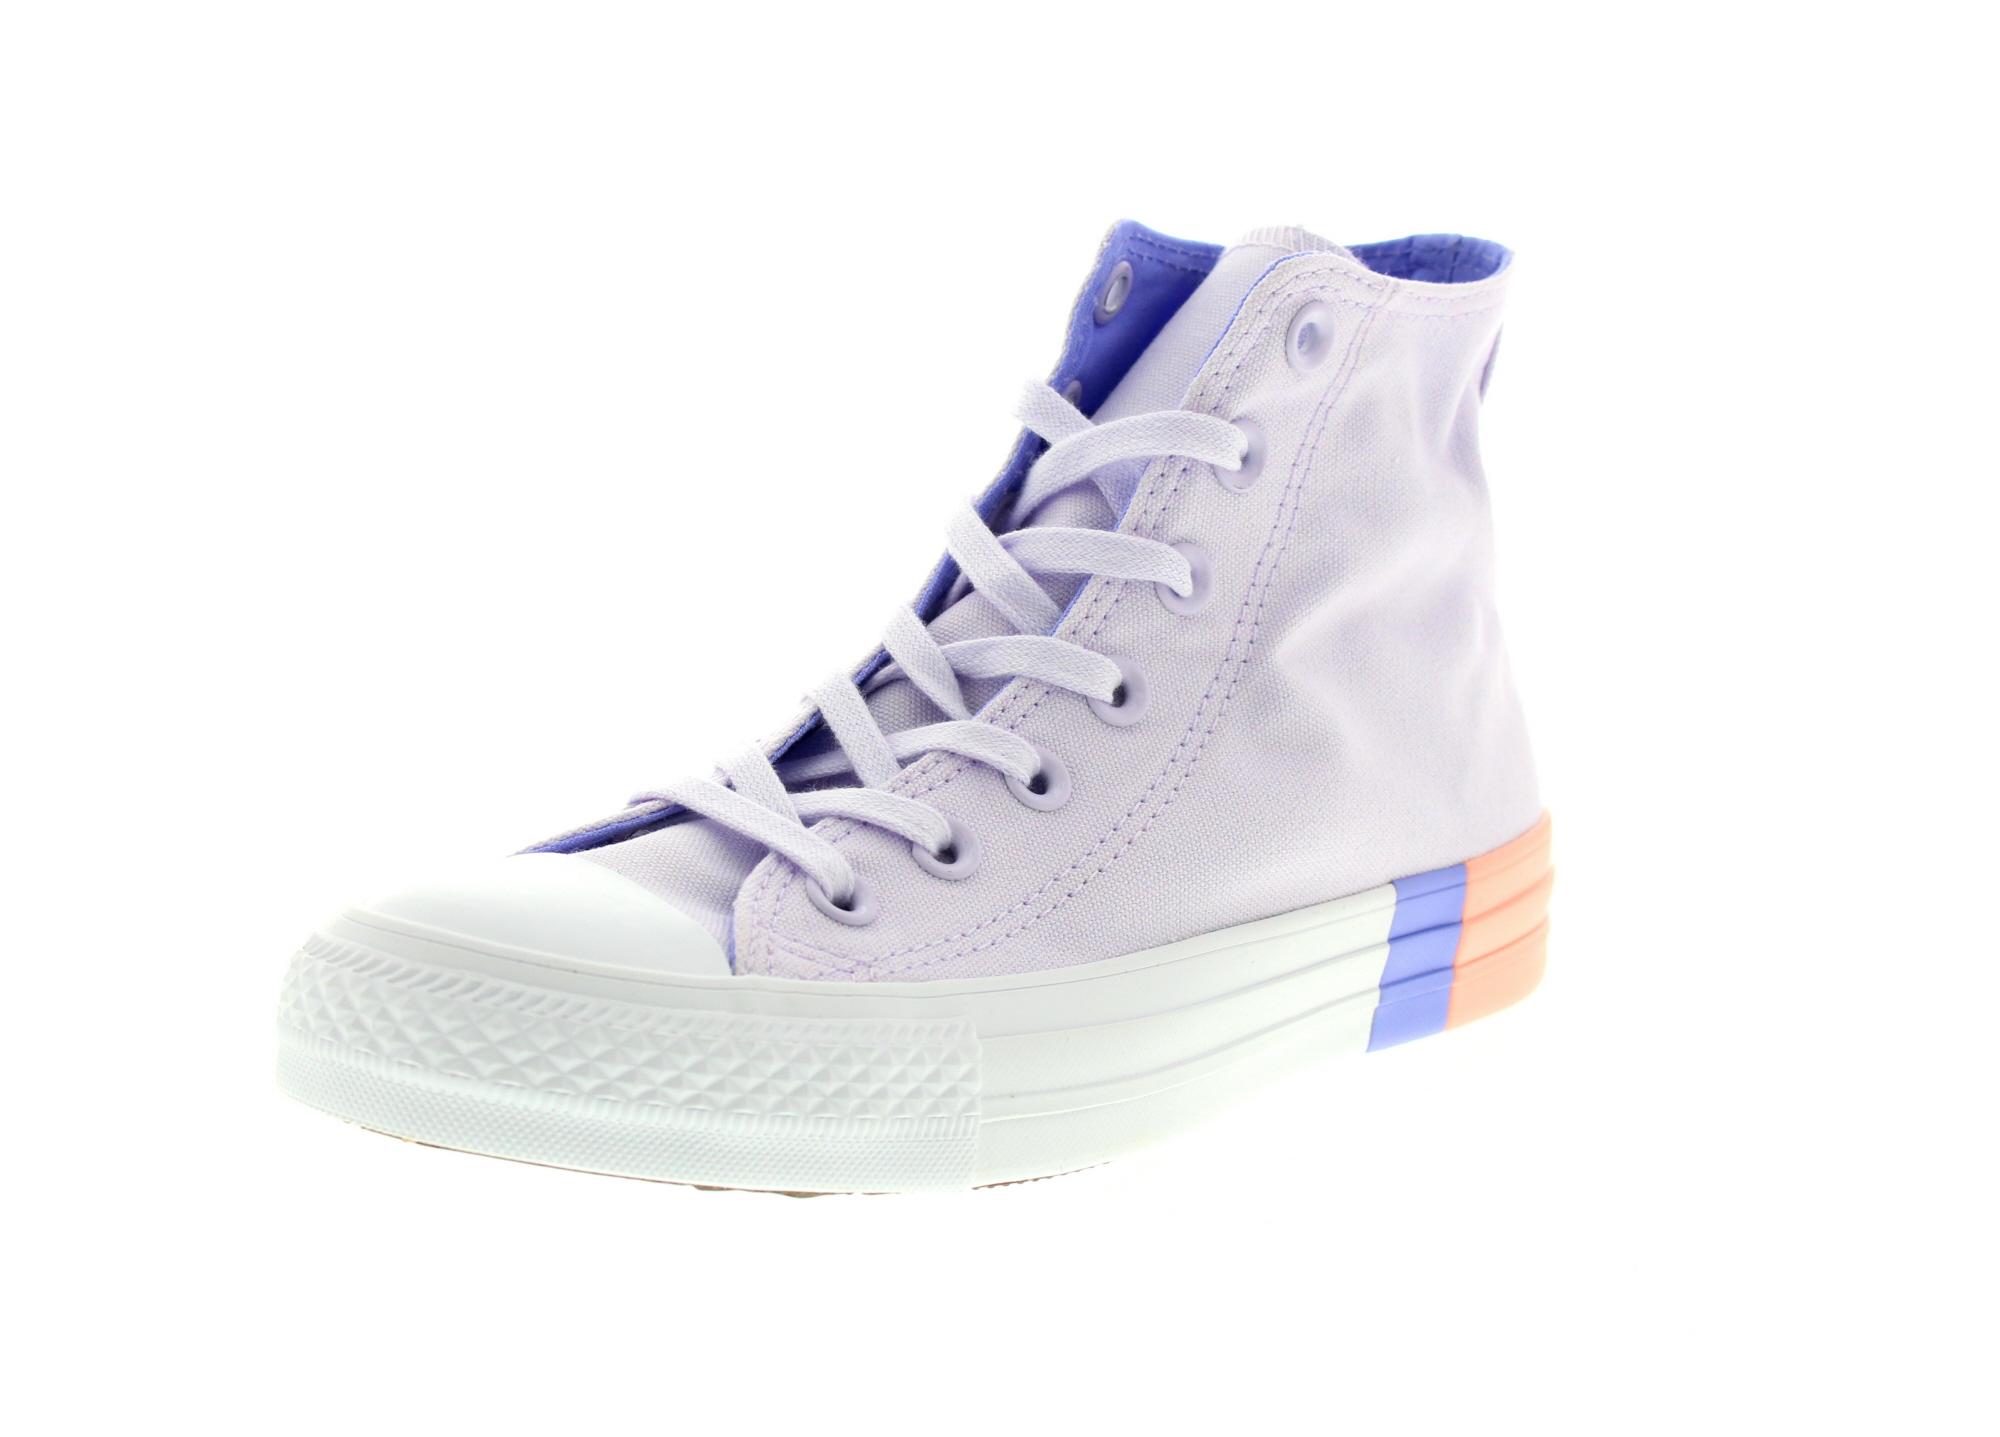 CONVERSE Damen Sneakers CTAS HI 159520C - barley grape_0